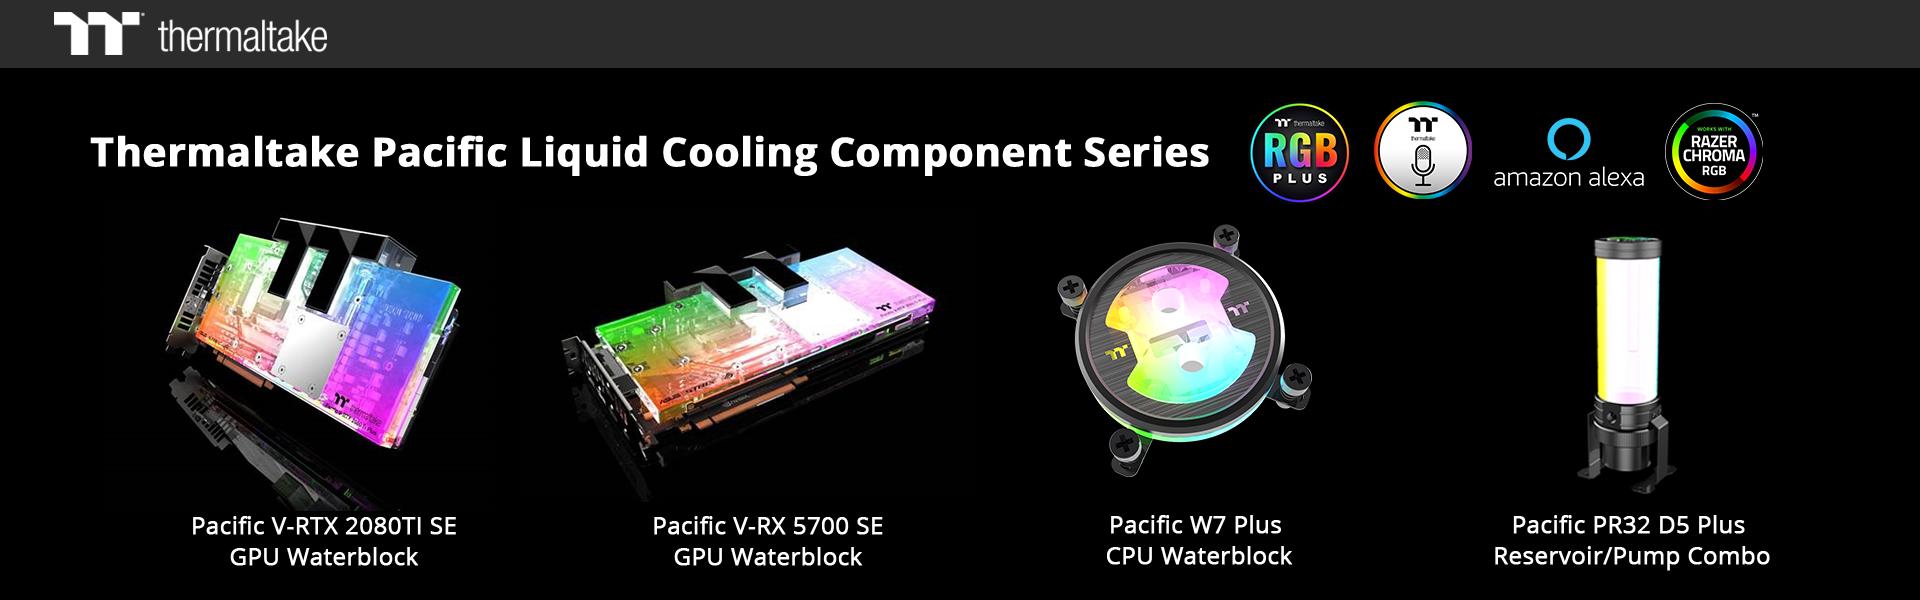 Thermaltake lanzó los componentes de refrigeración líquida de gama alta de la serie Pacific - NdP